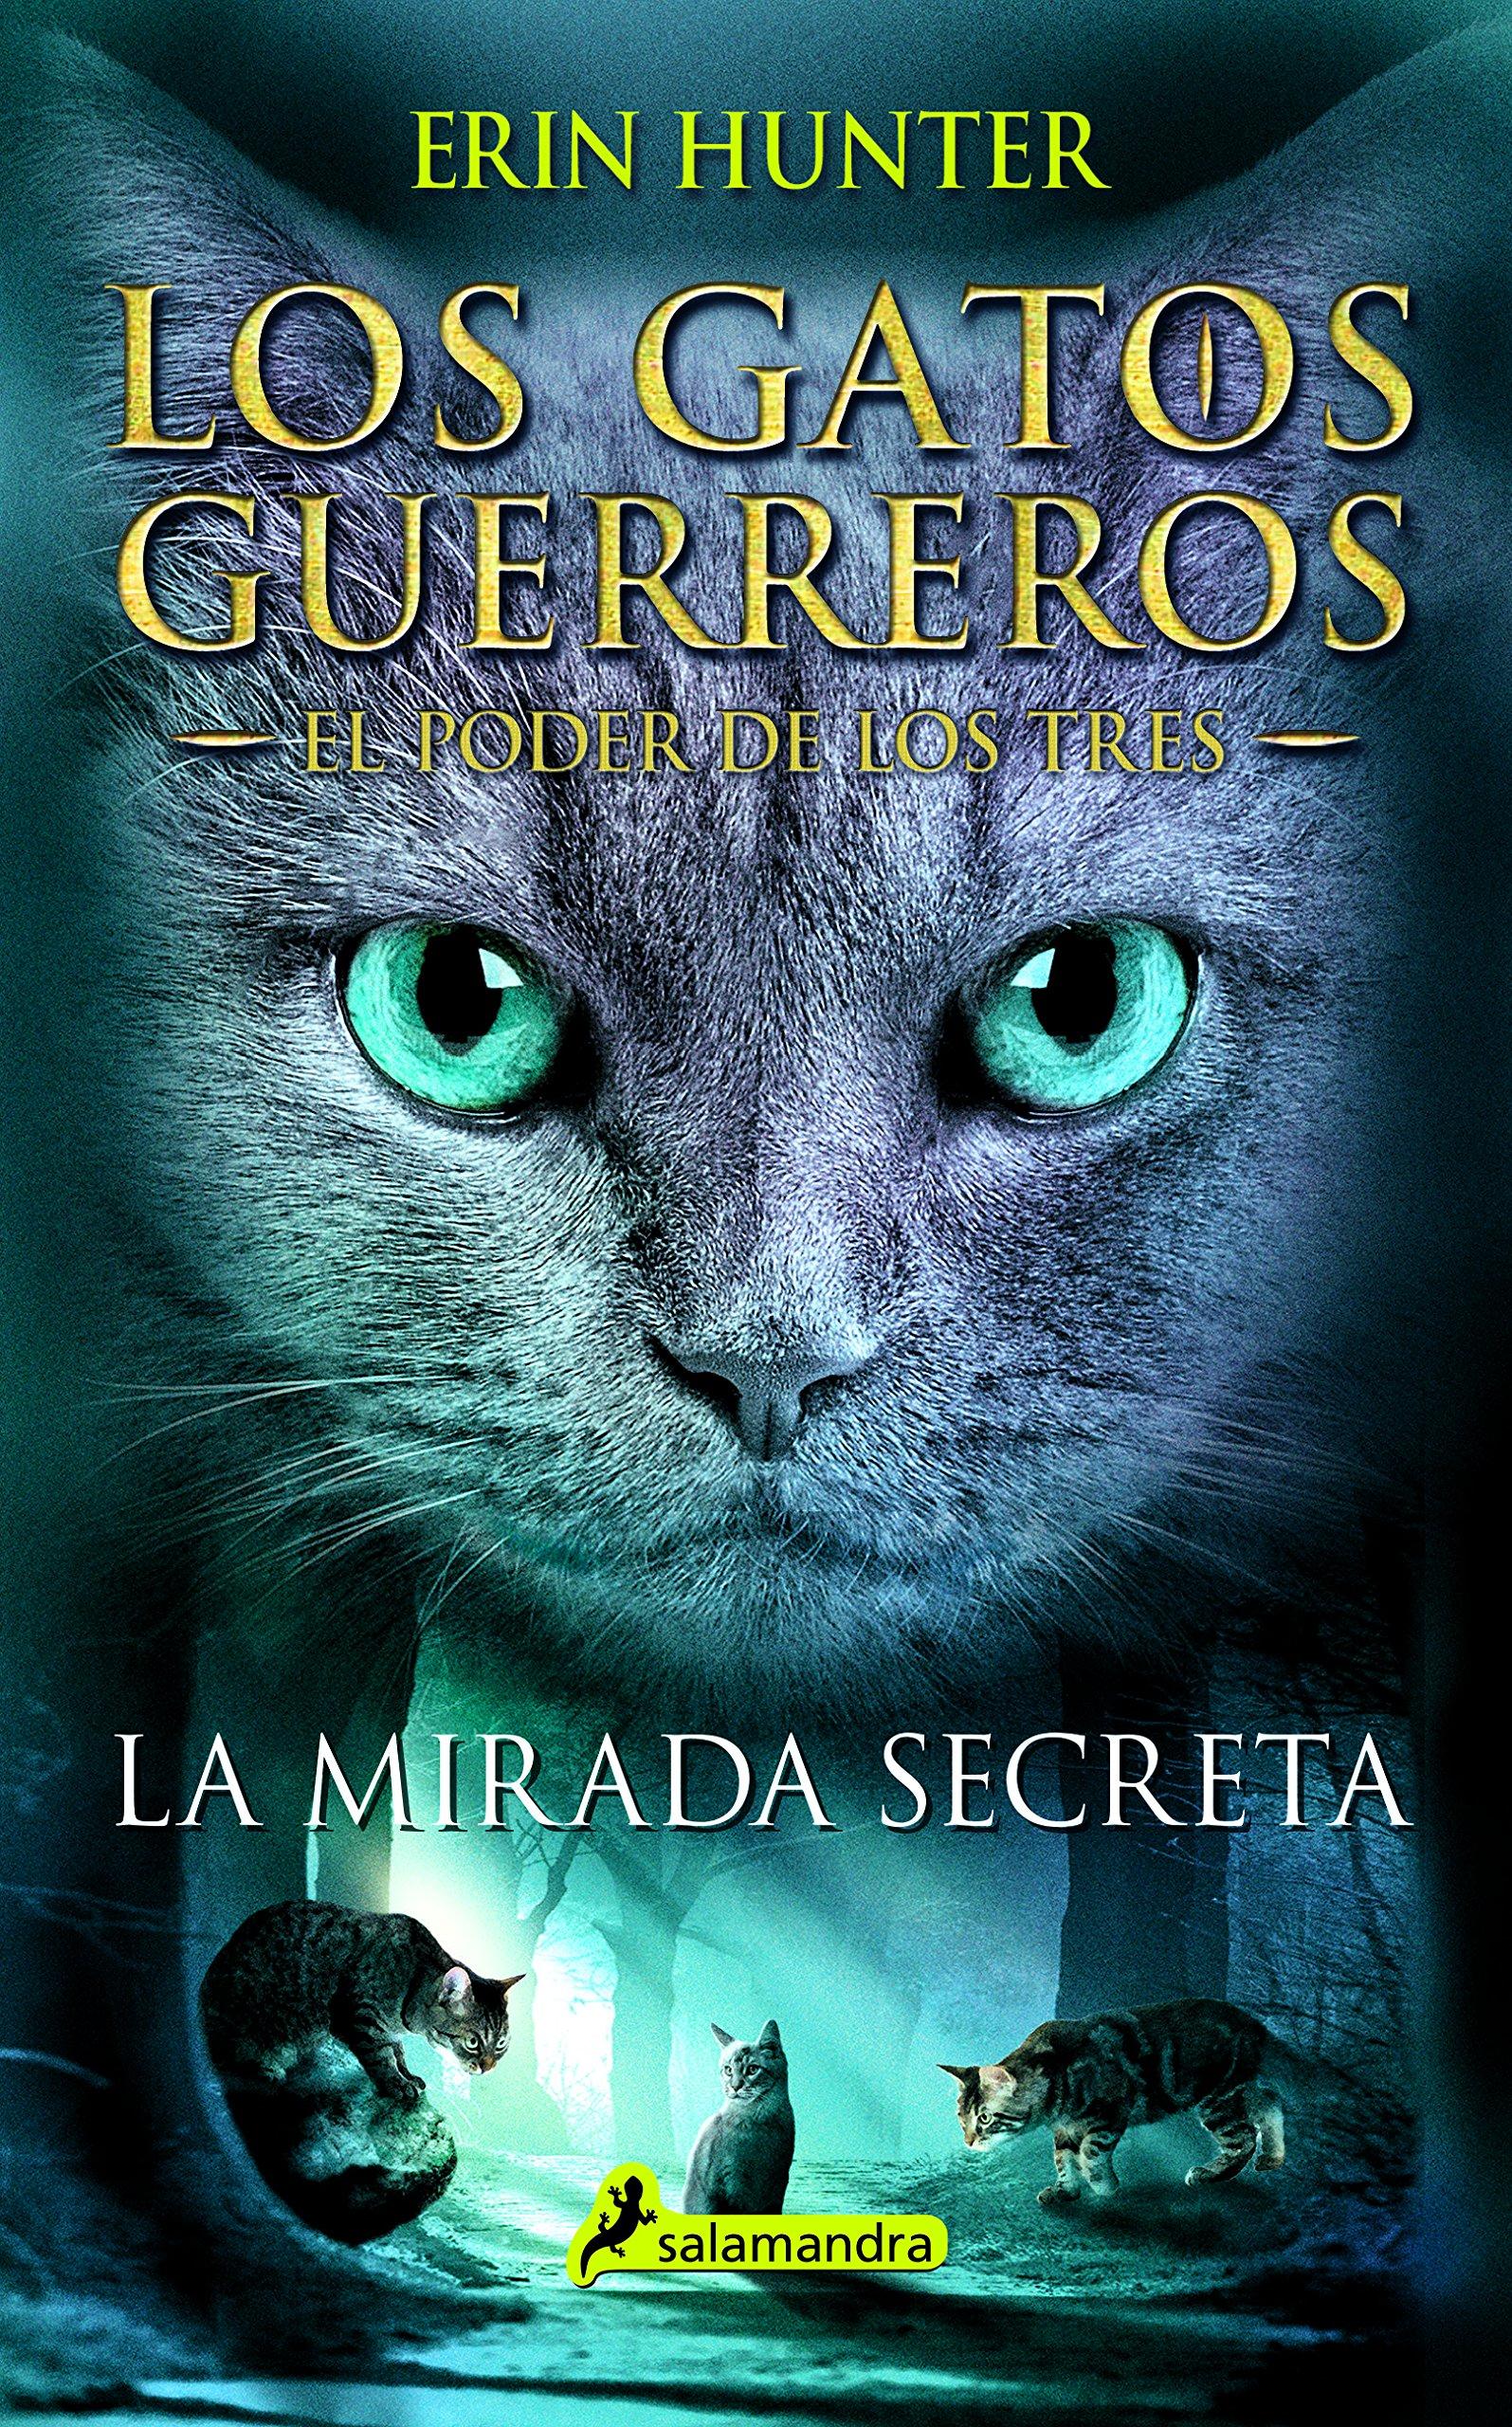 La mirada secreta/General | Los Gatos Guerreros Wiki